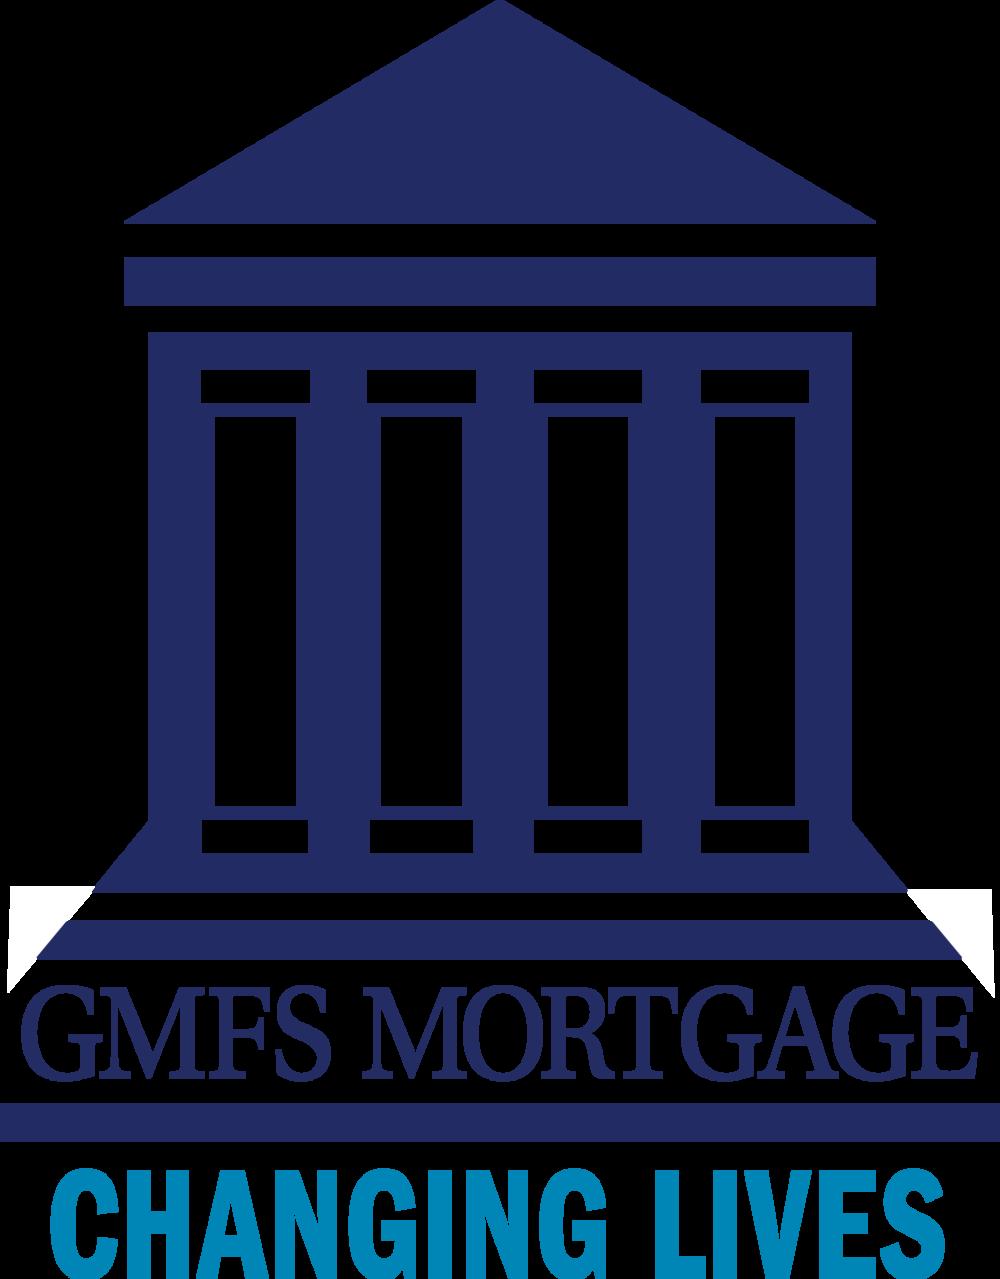 GMFS_Mortgage.png